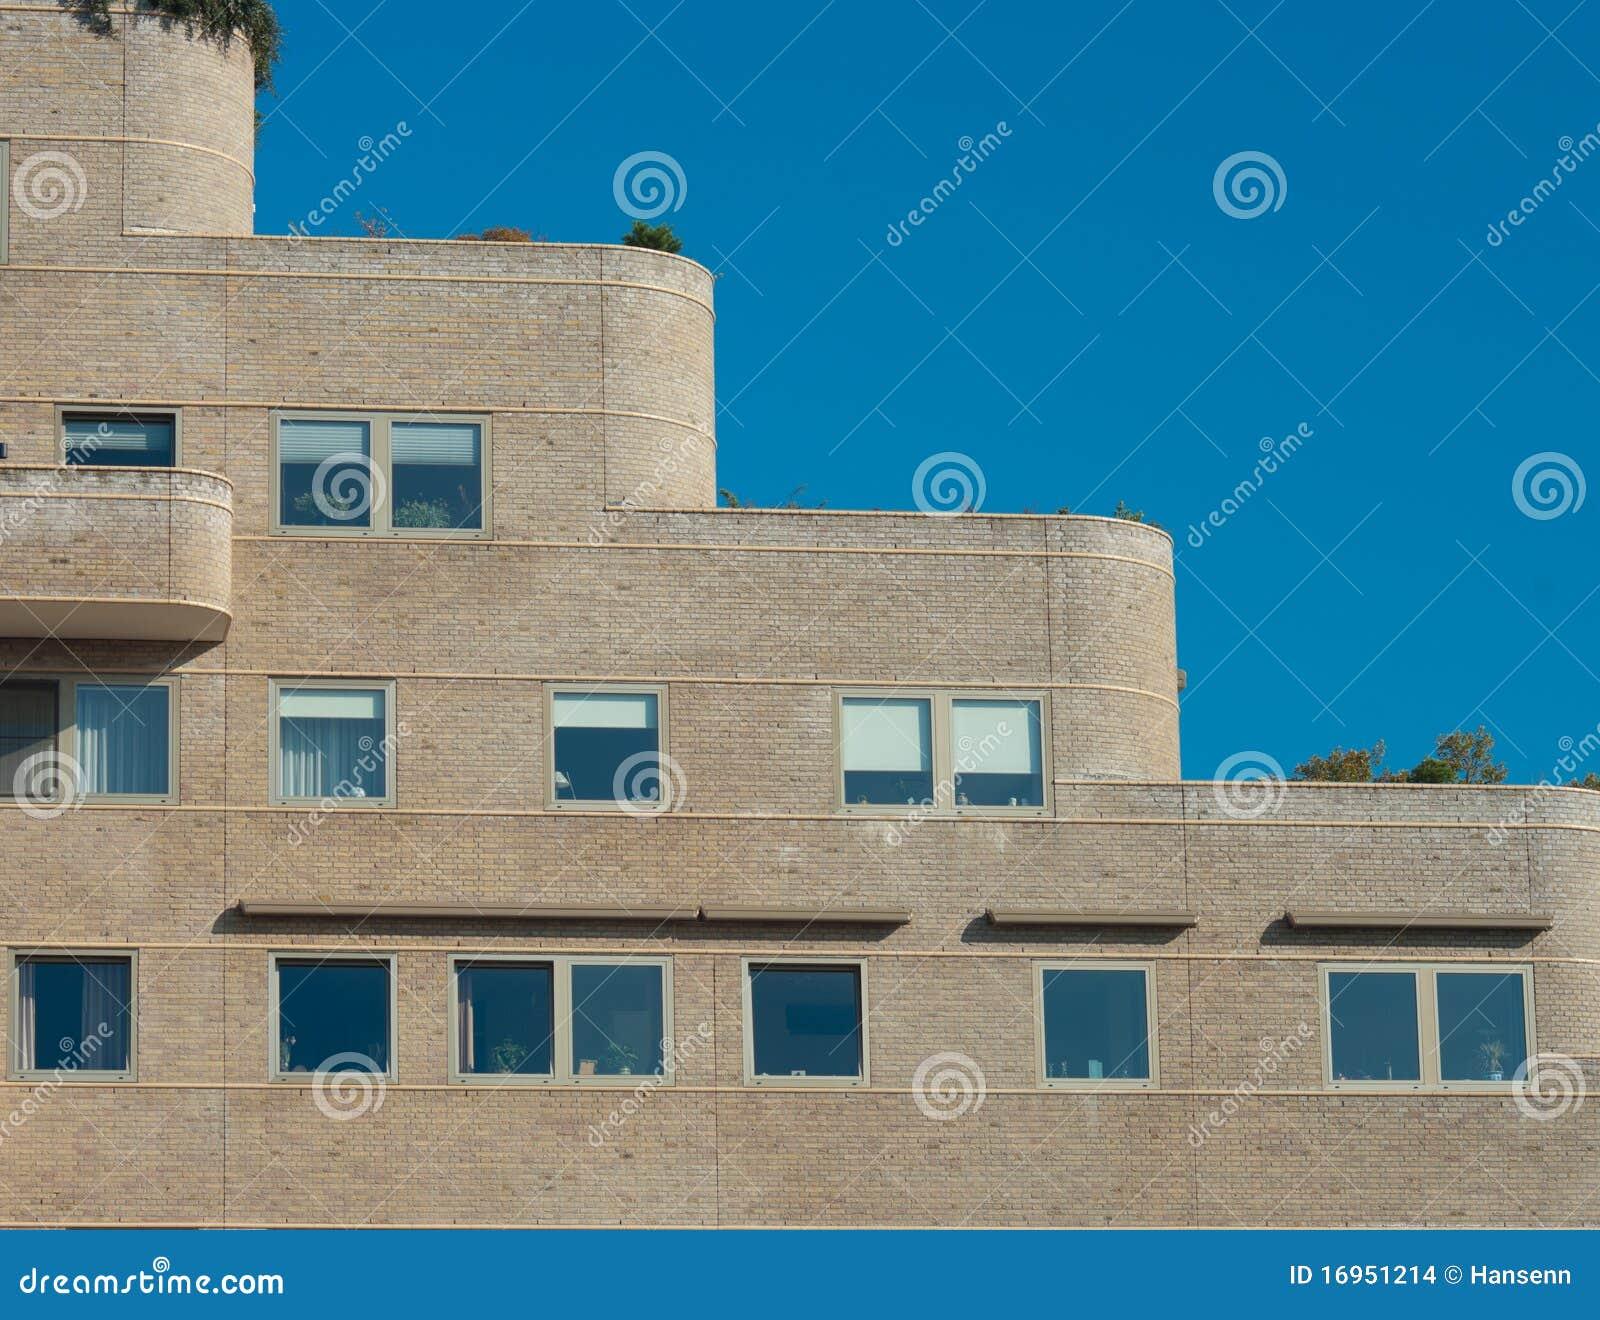 Nuevos Apartamentos Modernos Foto De Archivo Imagen De